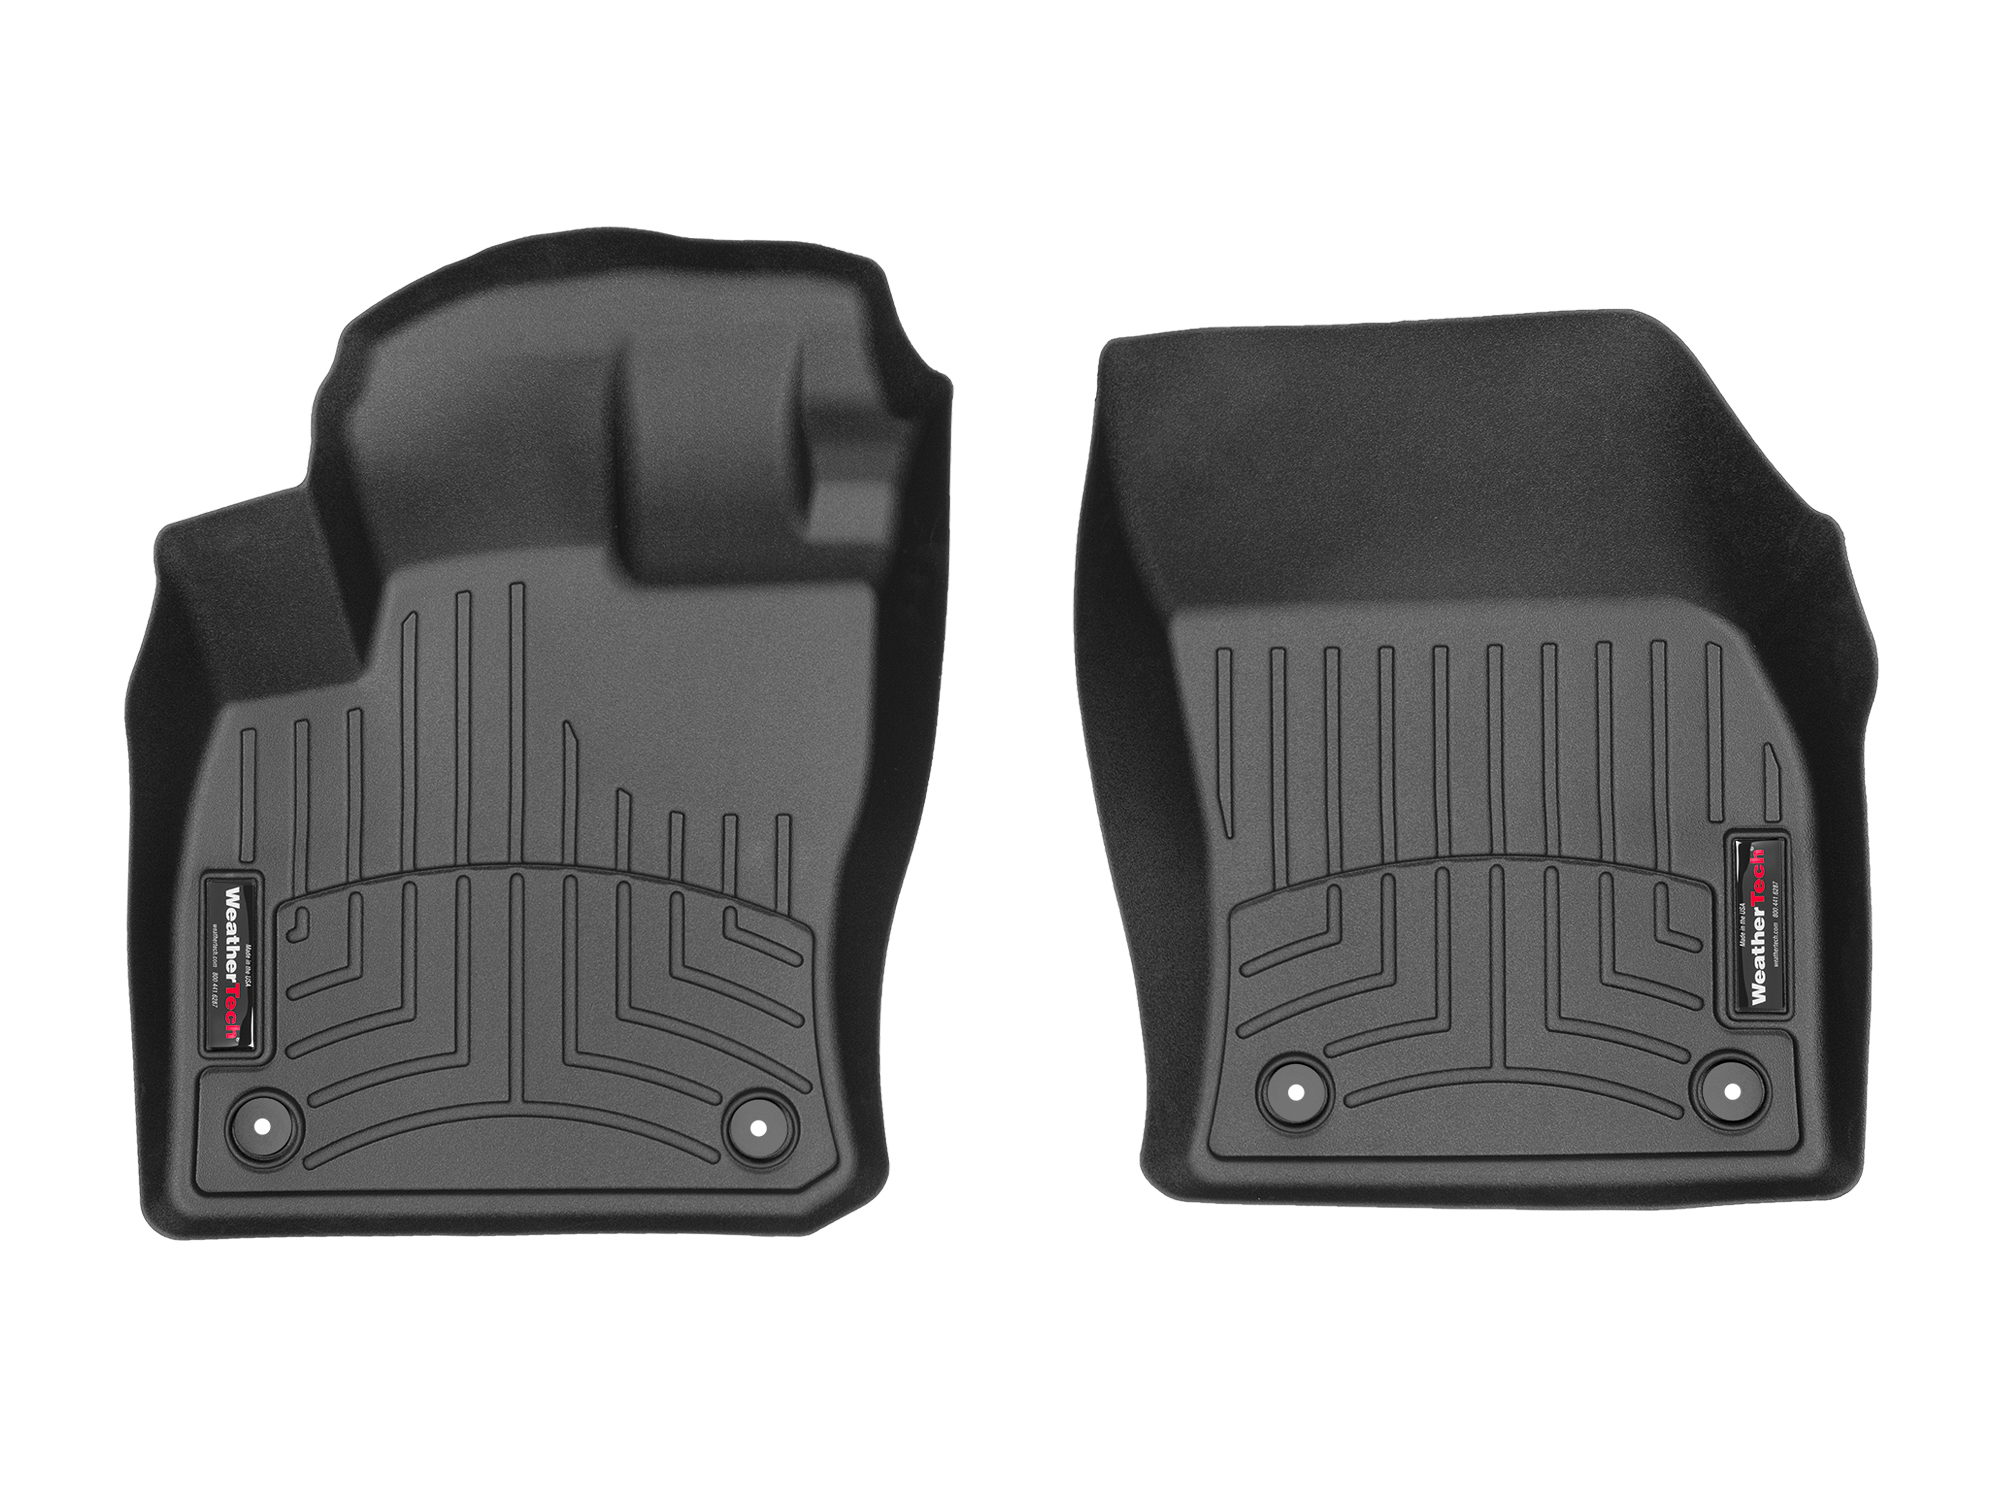 Tappeti gomma su misura bordo alto Volkswagen Tiguan 17>17 Nero A4275*